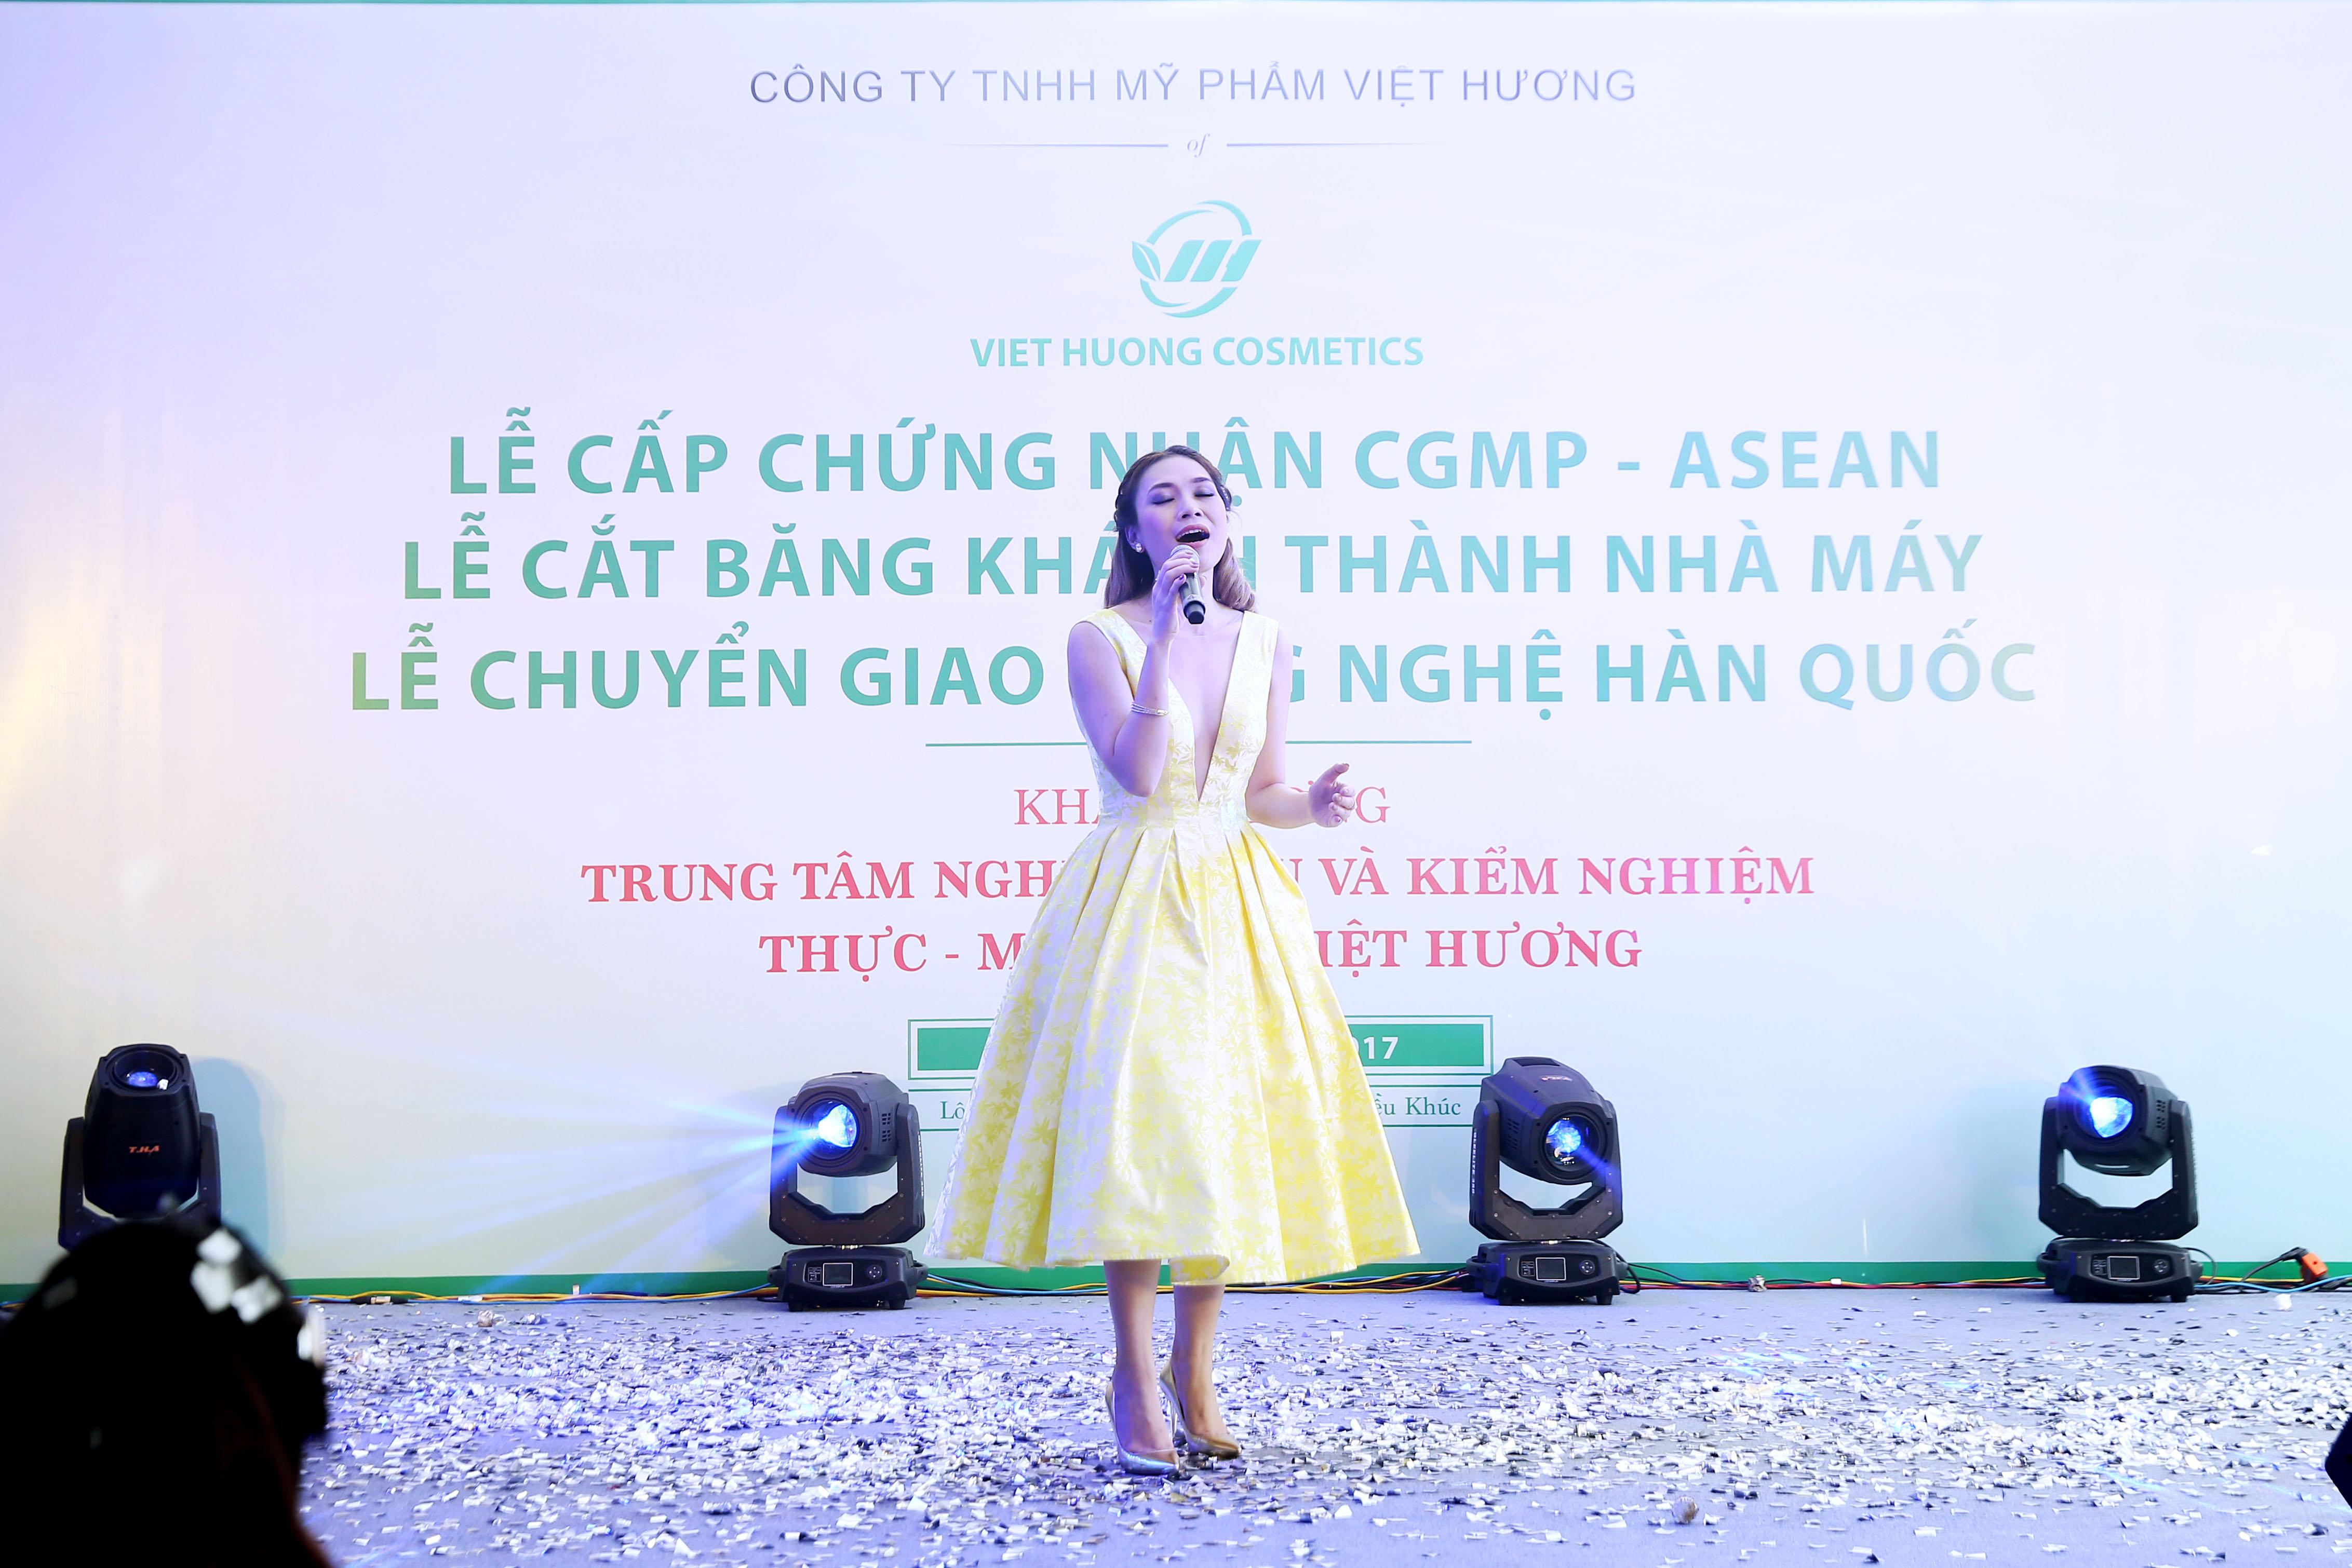 Cần biết - Mỹ phẩm Việt Hương khánh thành nhà máy sản xuất quy mô lớn nhất miền Bắc (Hình 6).